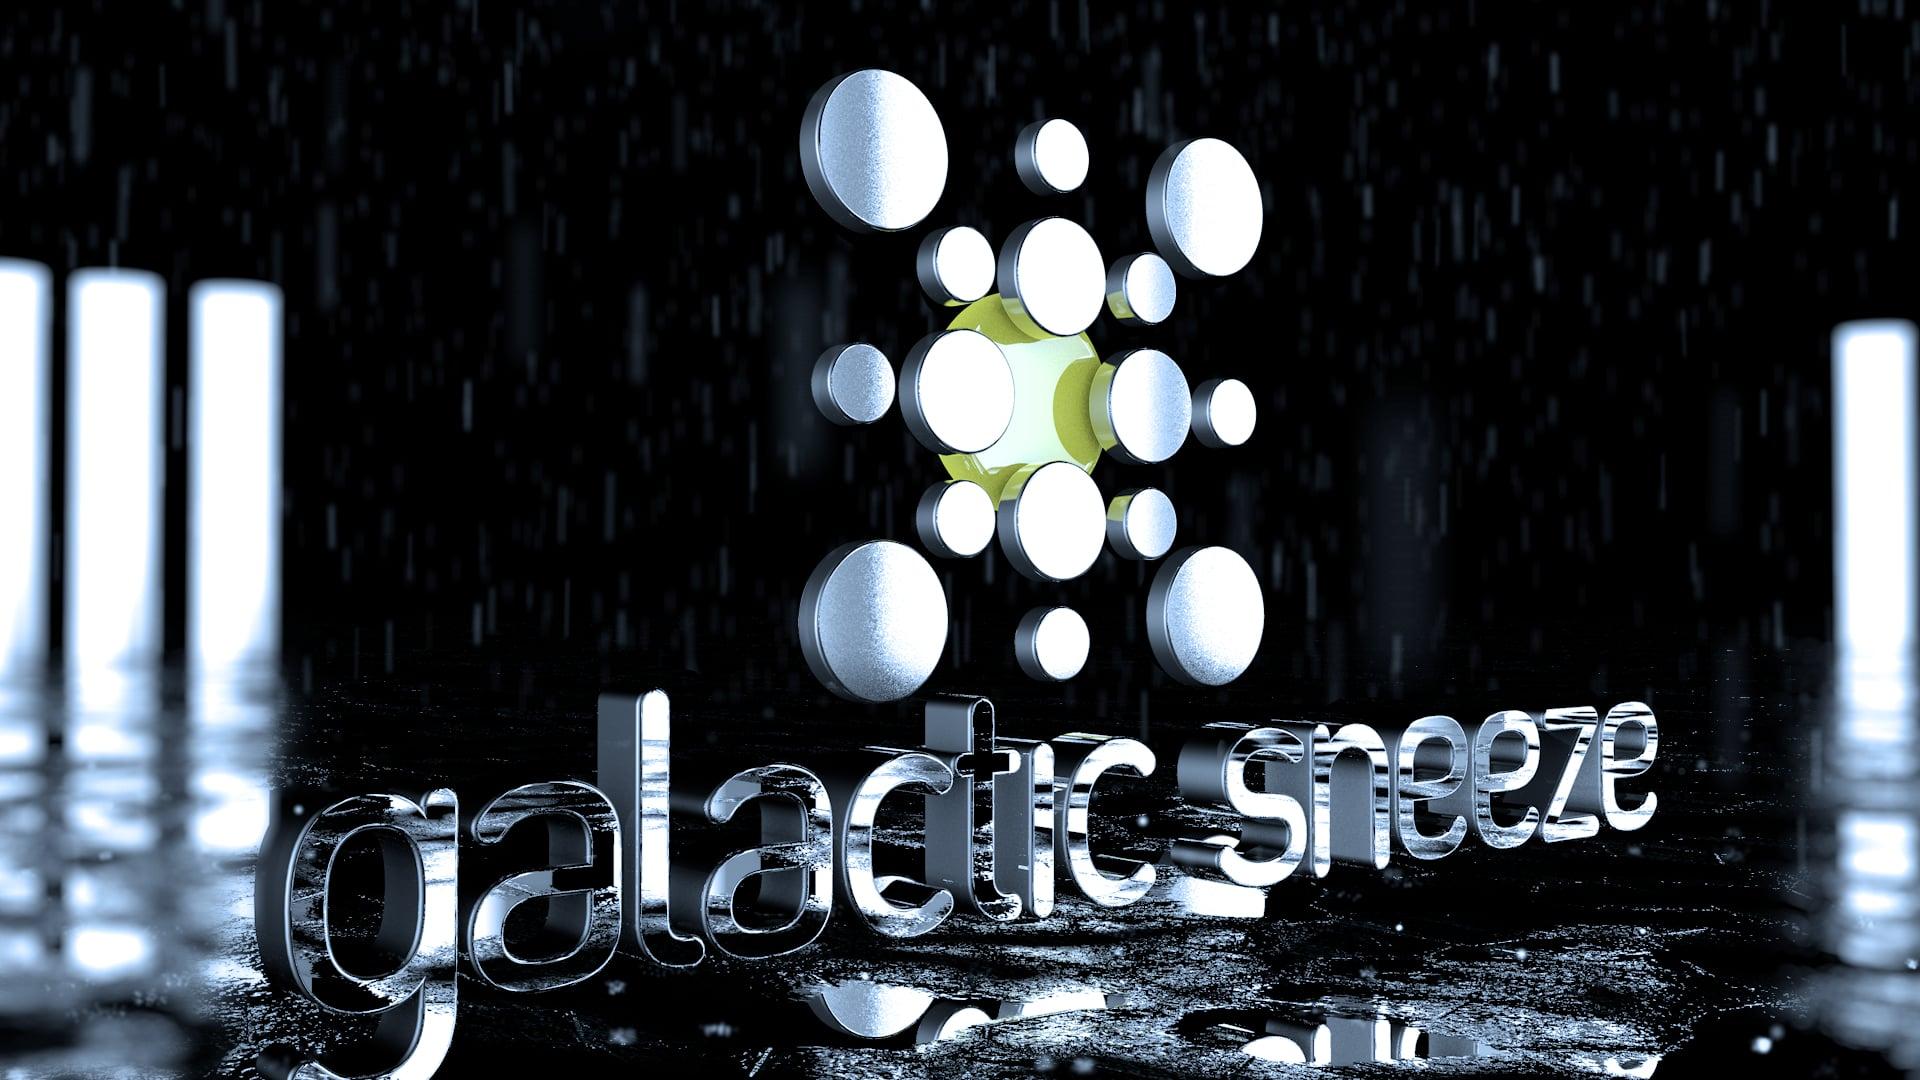 Galactic Sneeze (animated logo)